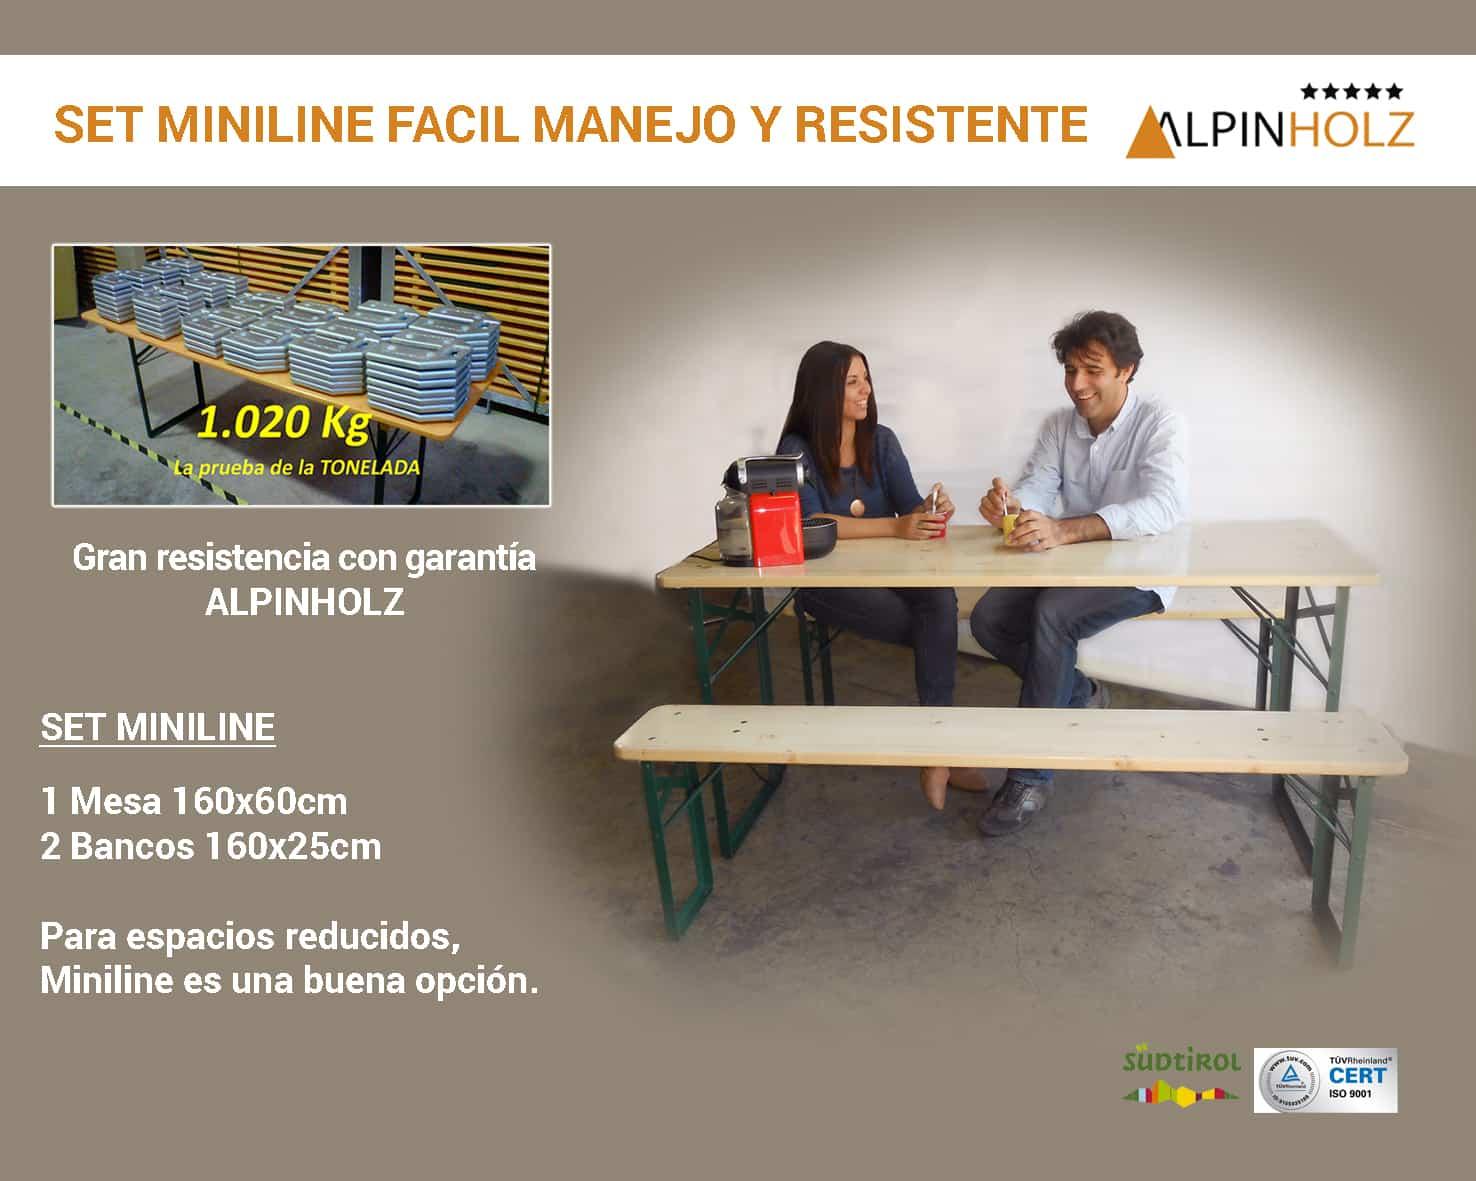 mesas y bancos miniline